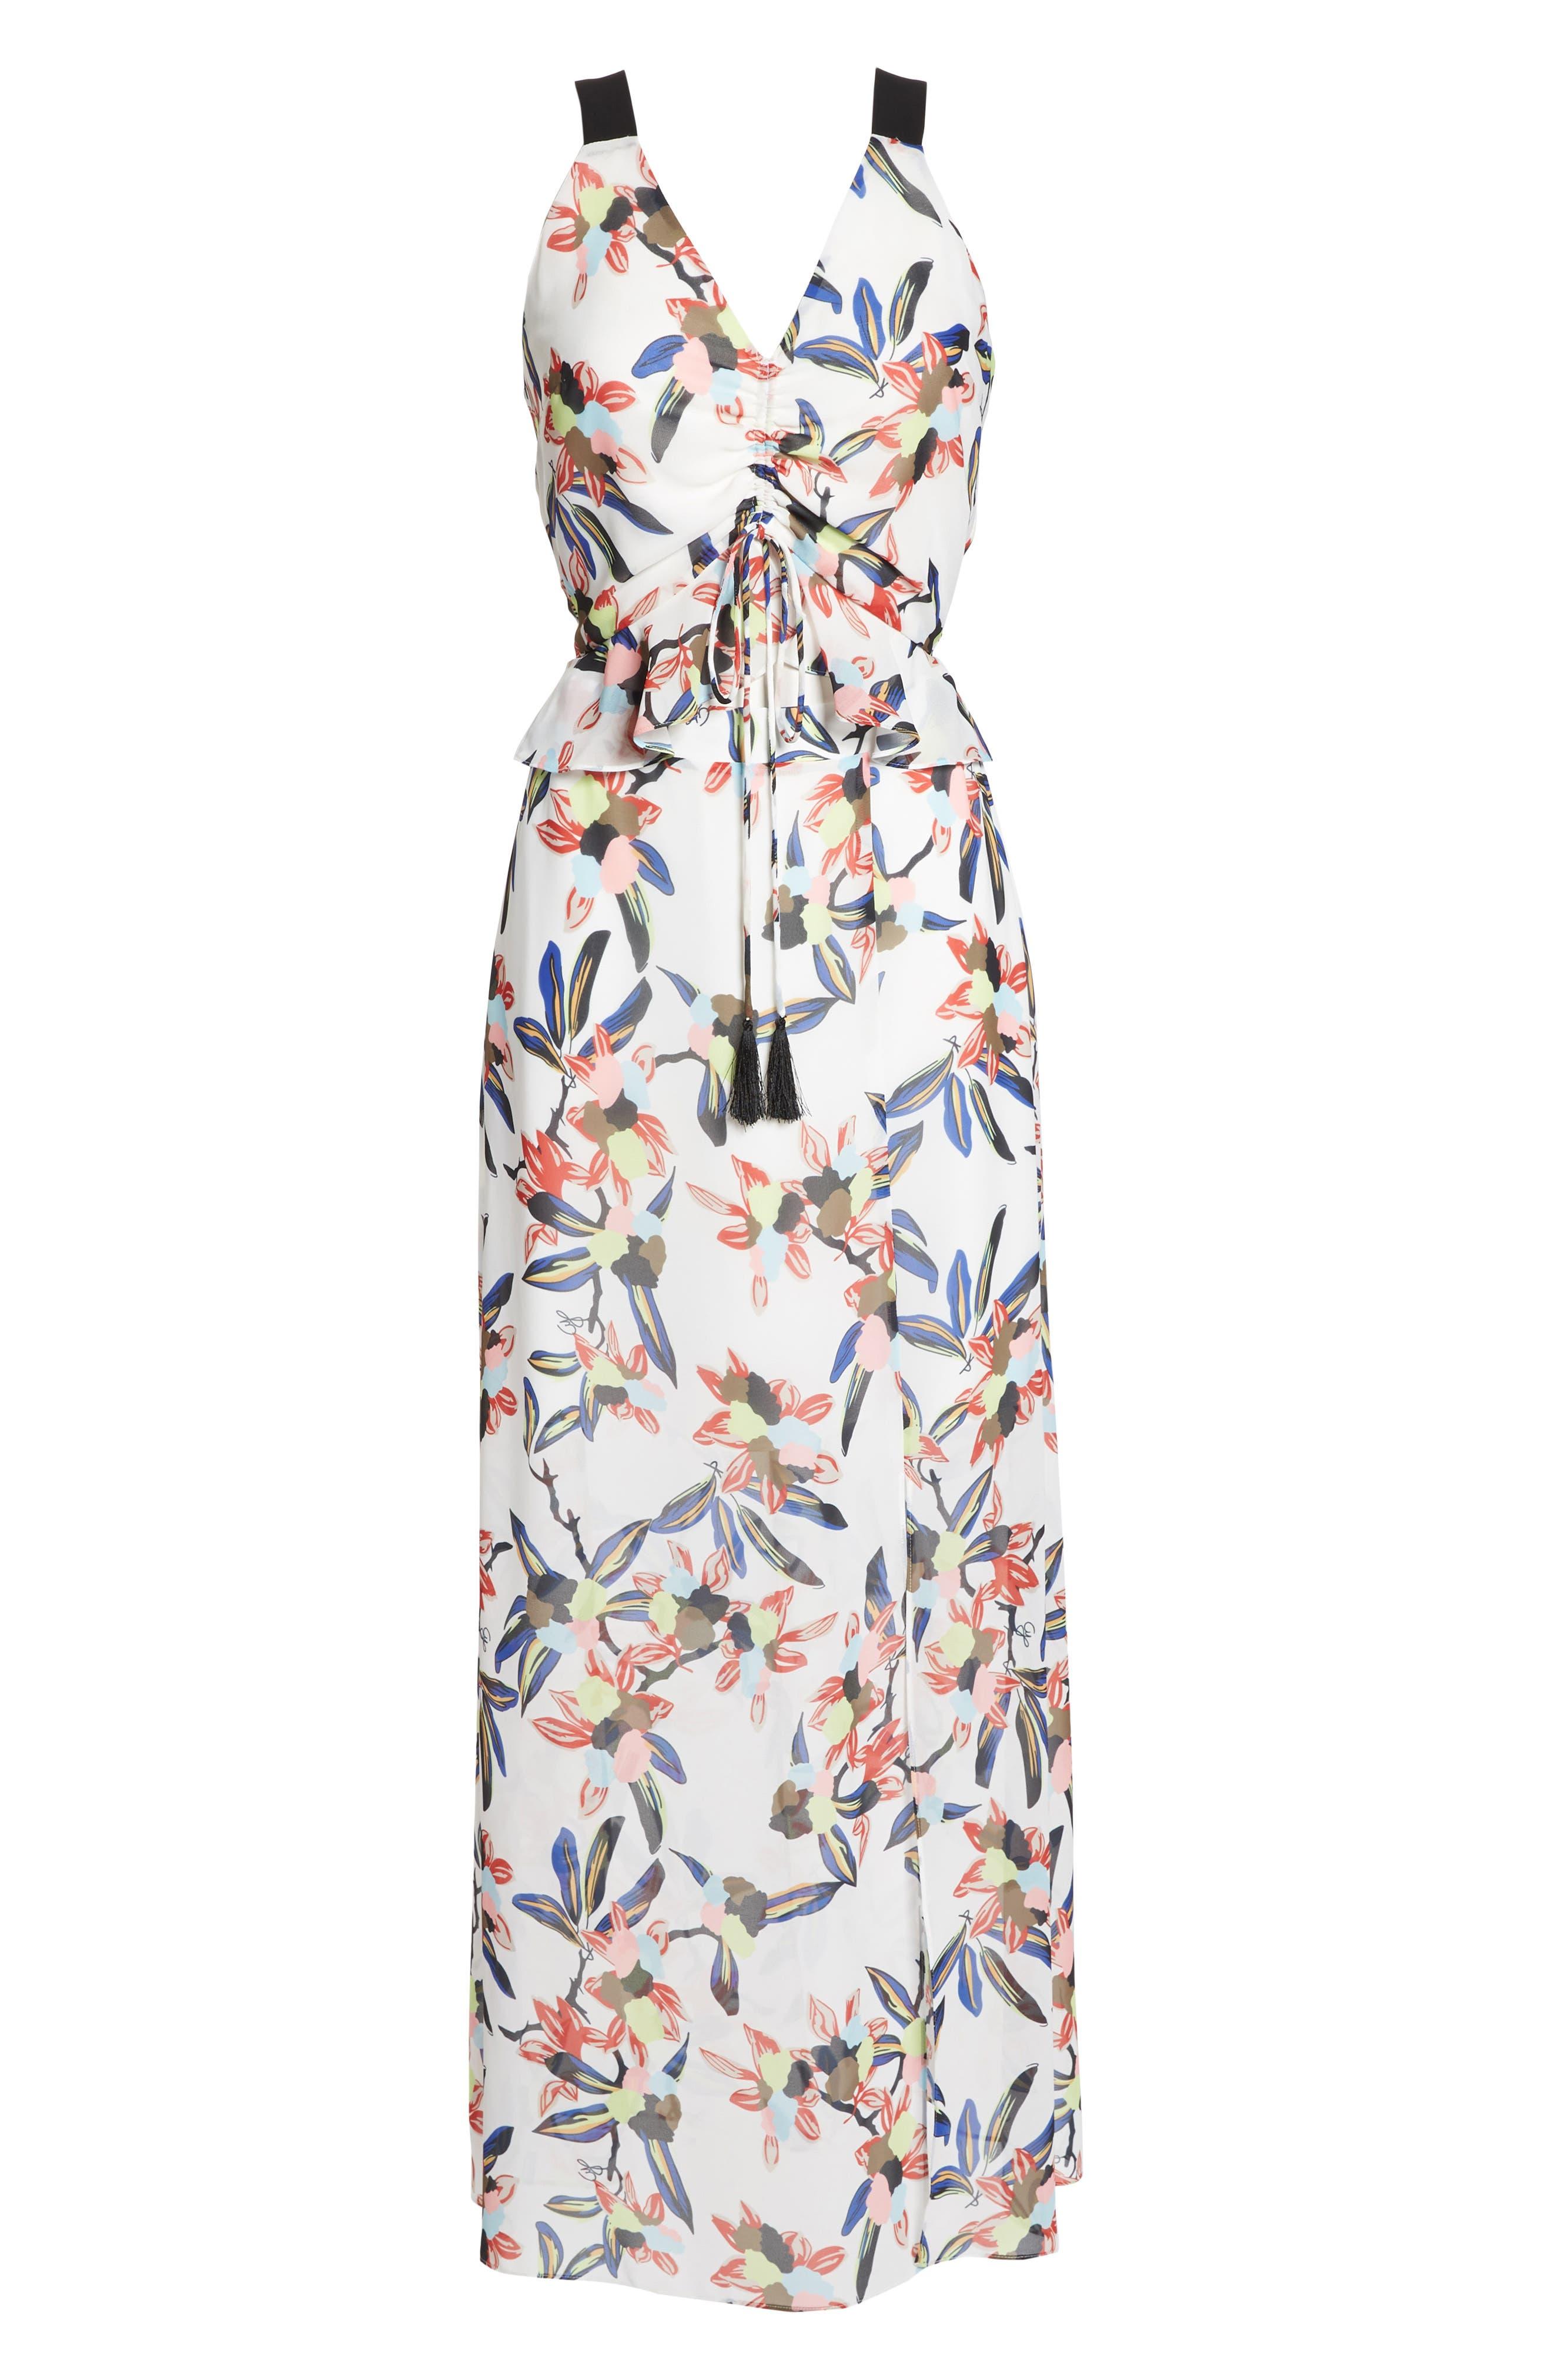 Floral Print Maxi Dress,                             Alternate thumbnail 7, color,                             White Multi